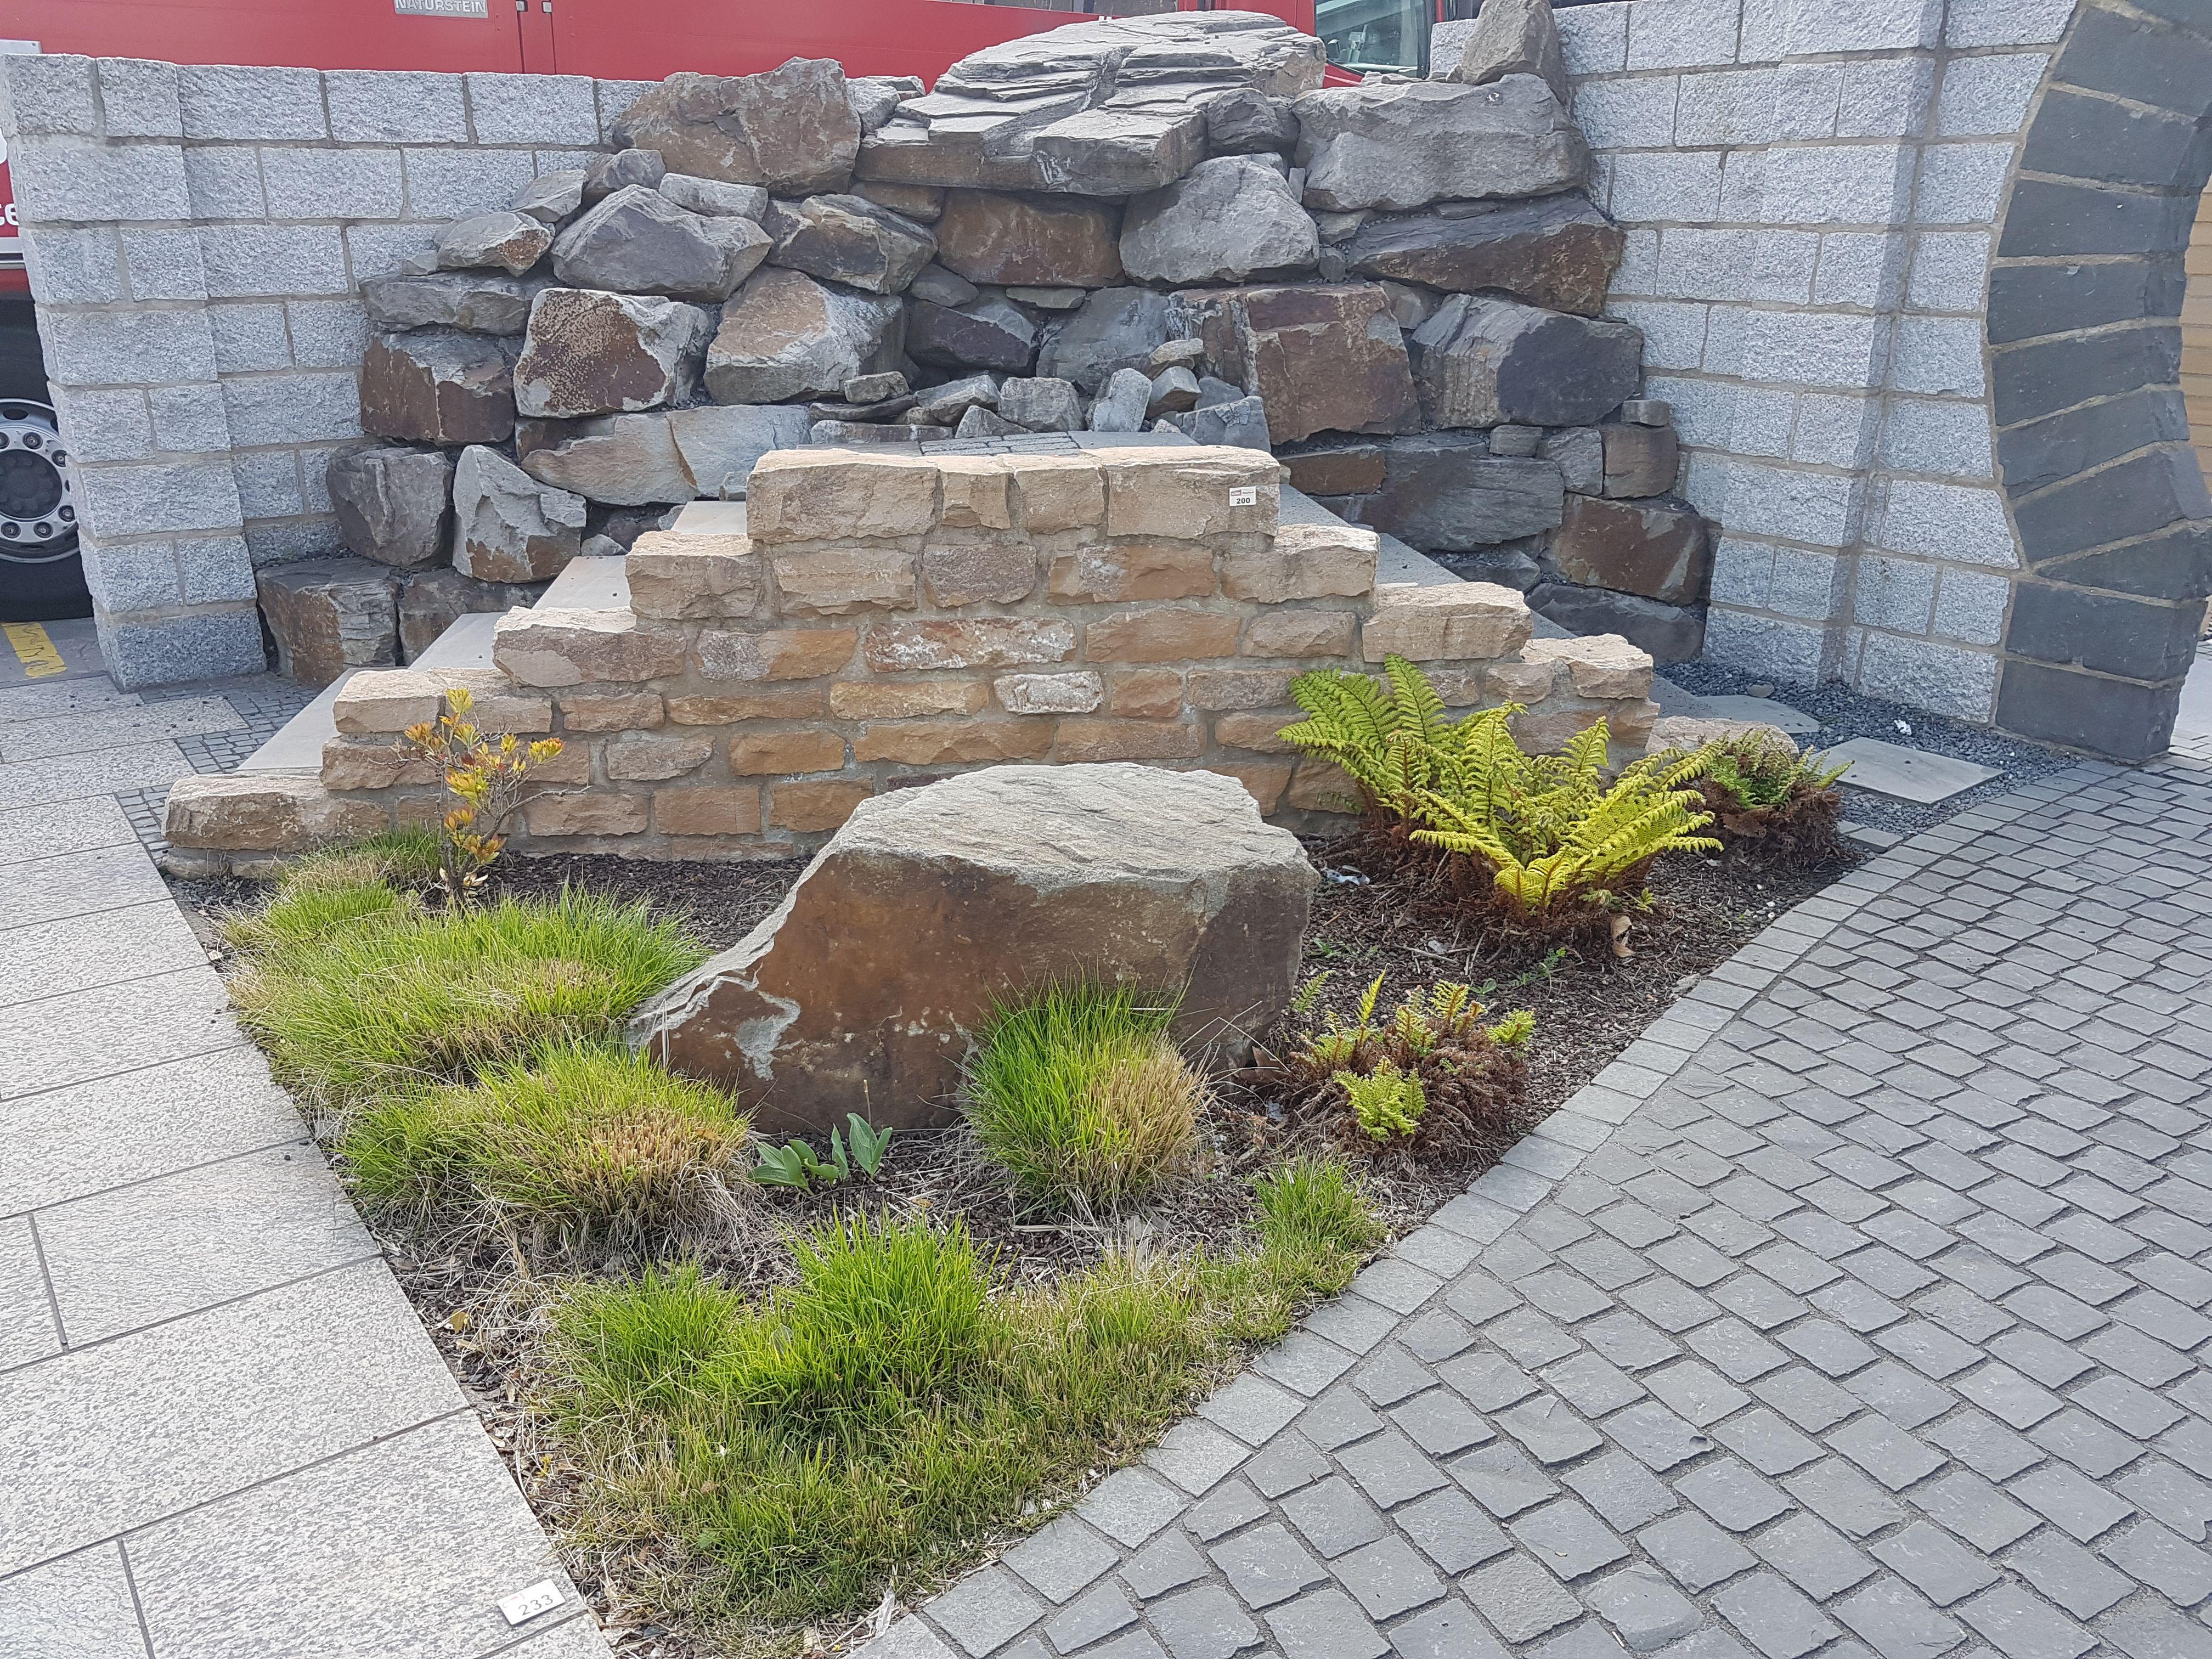 Kalksandsteintrockenmauer, Garten Gartenausstellung, Bau